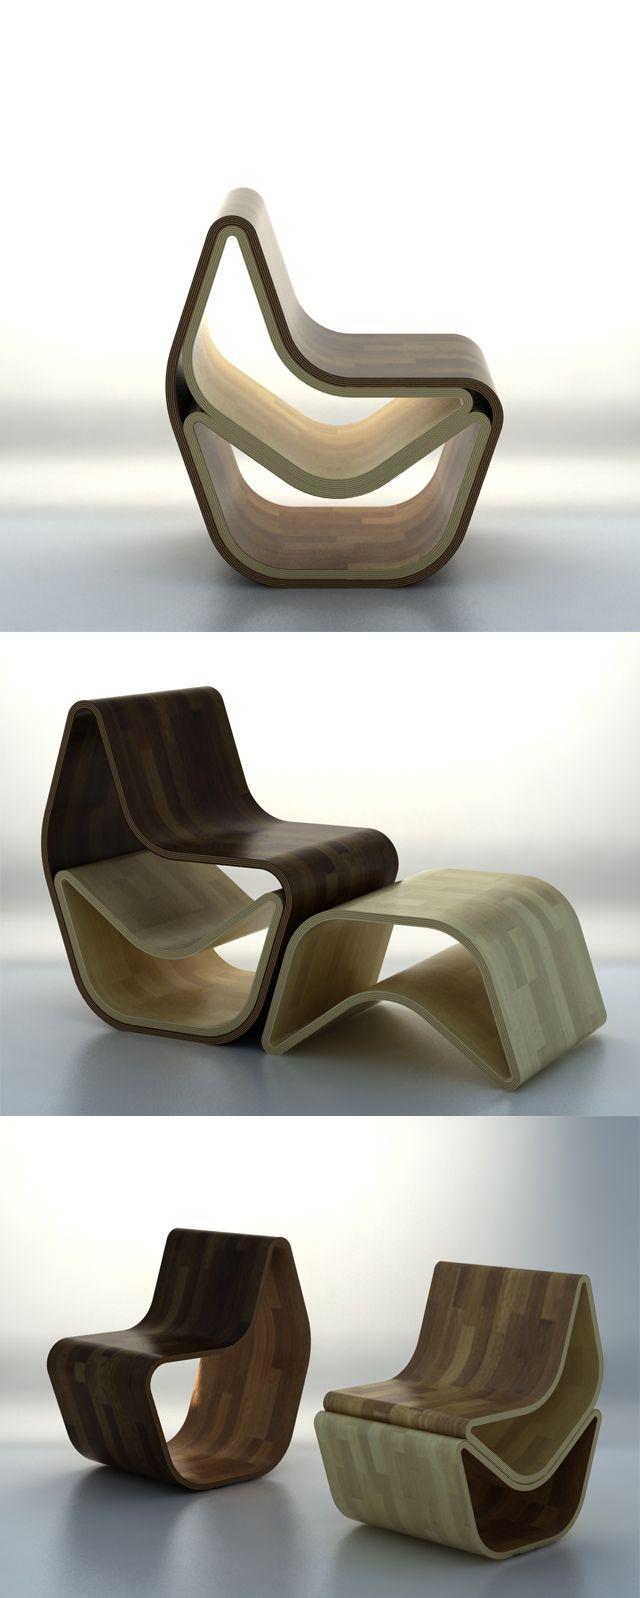 cadeira pequenos espaços encaixam uma dentro da outra